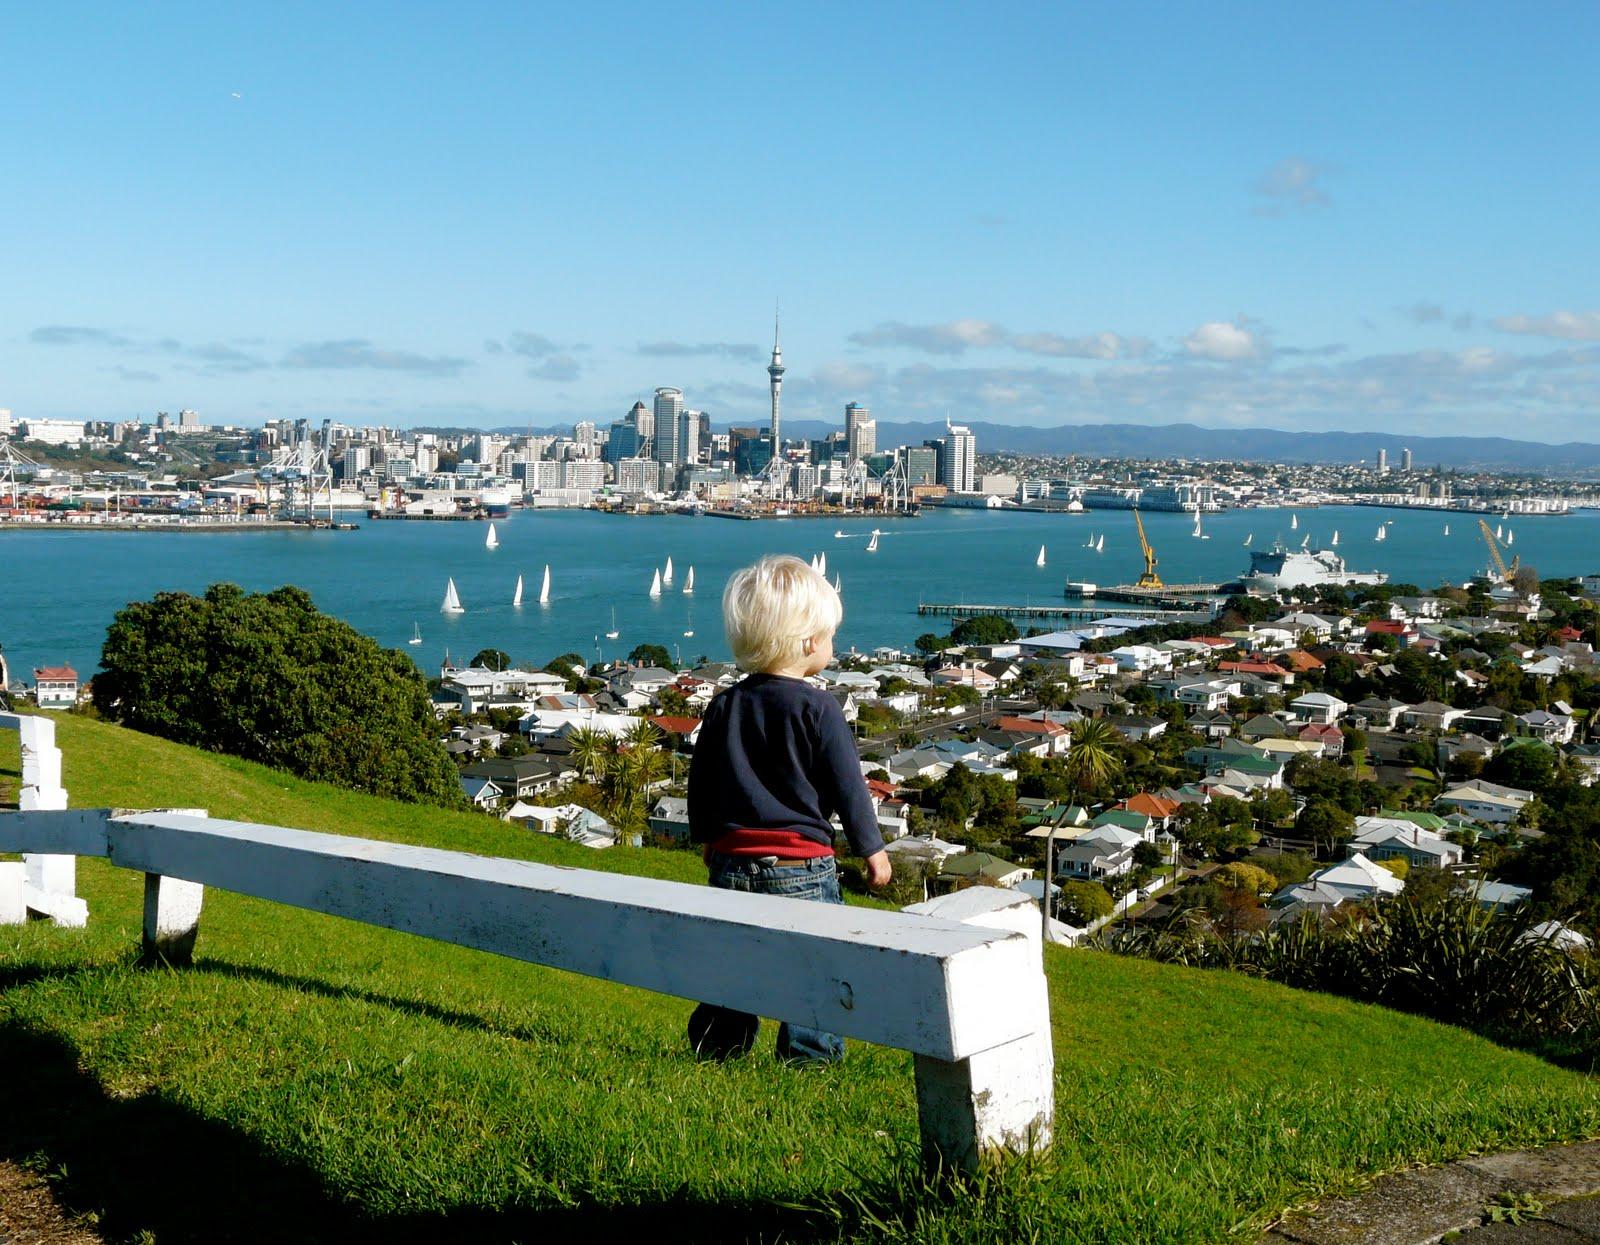 ゴールデンウィークの海外旅行はニュージーランドに決まり!